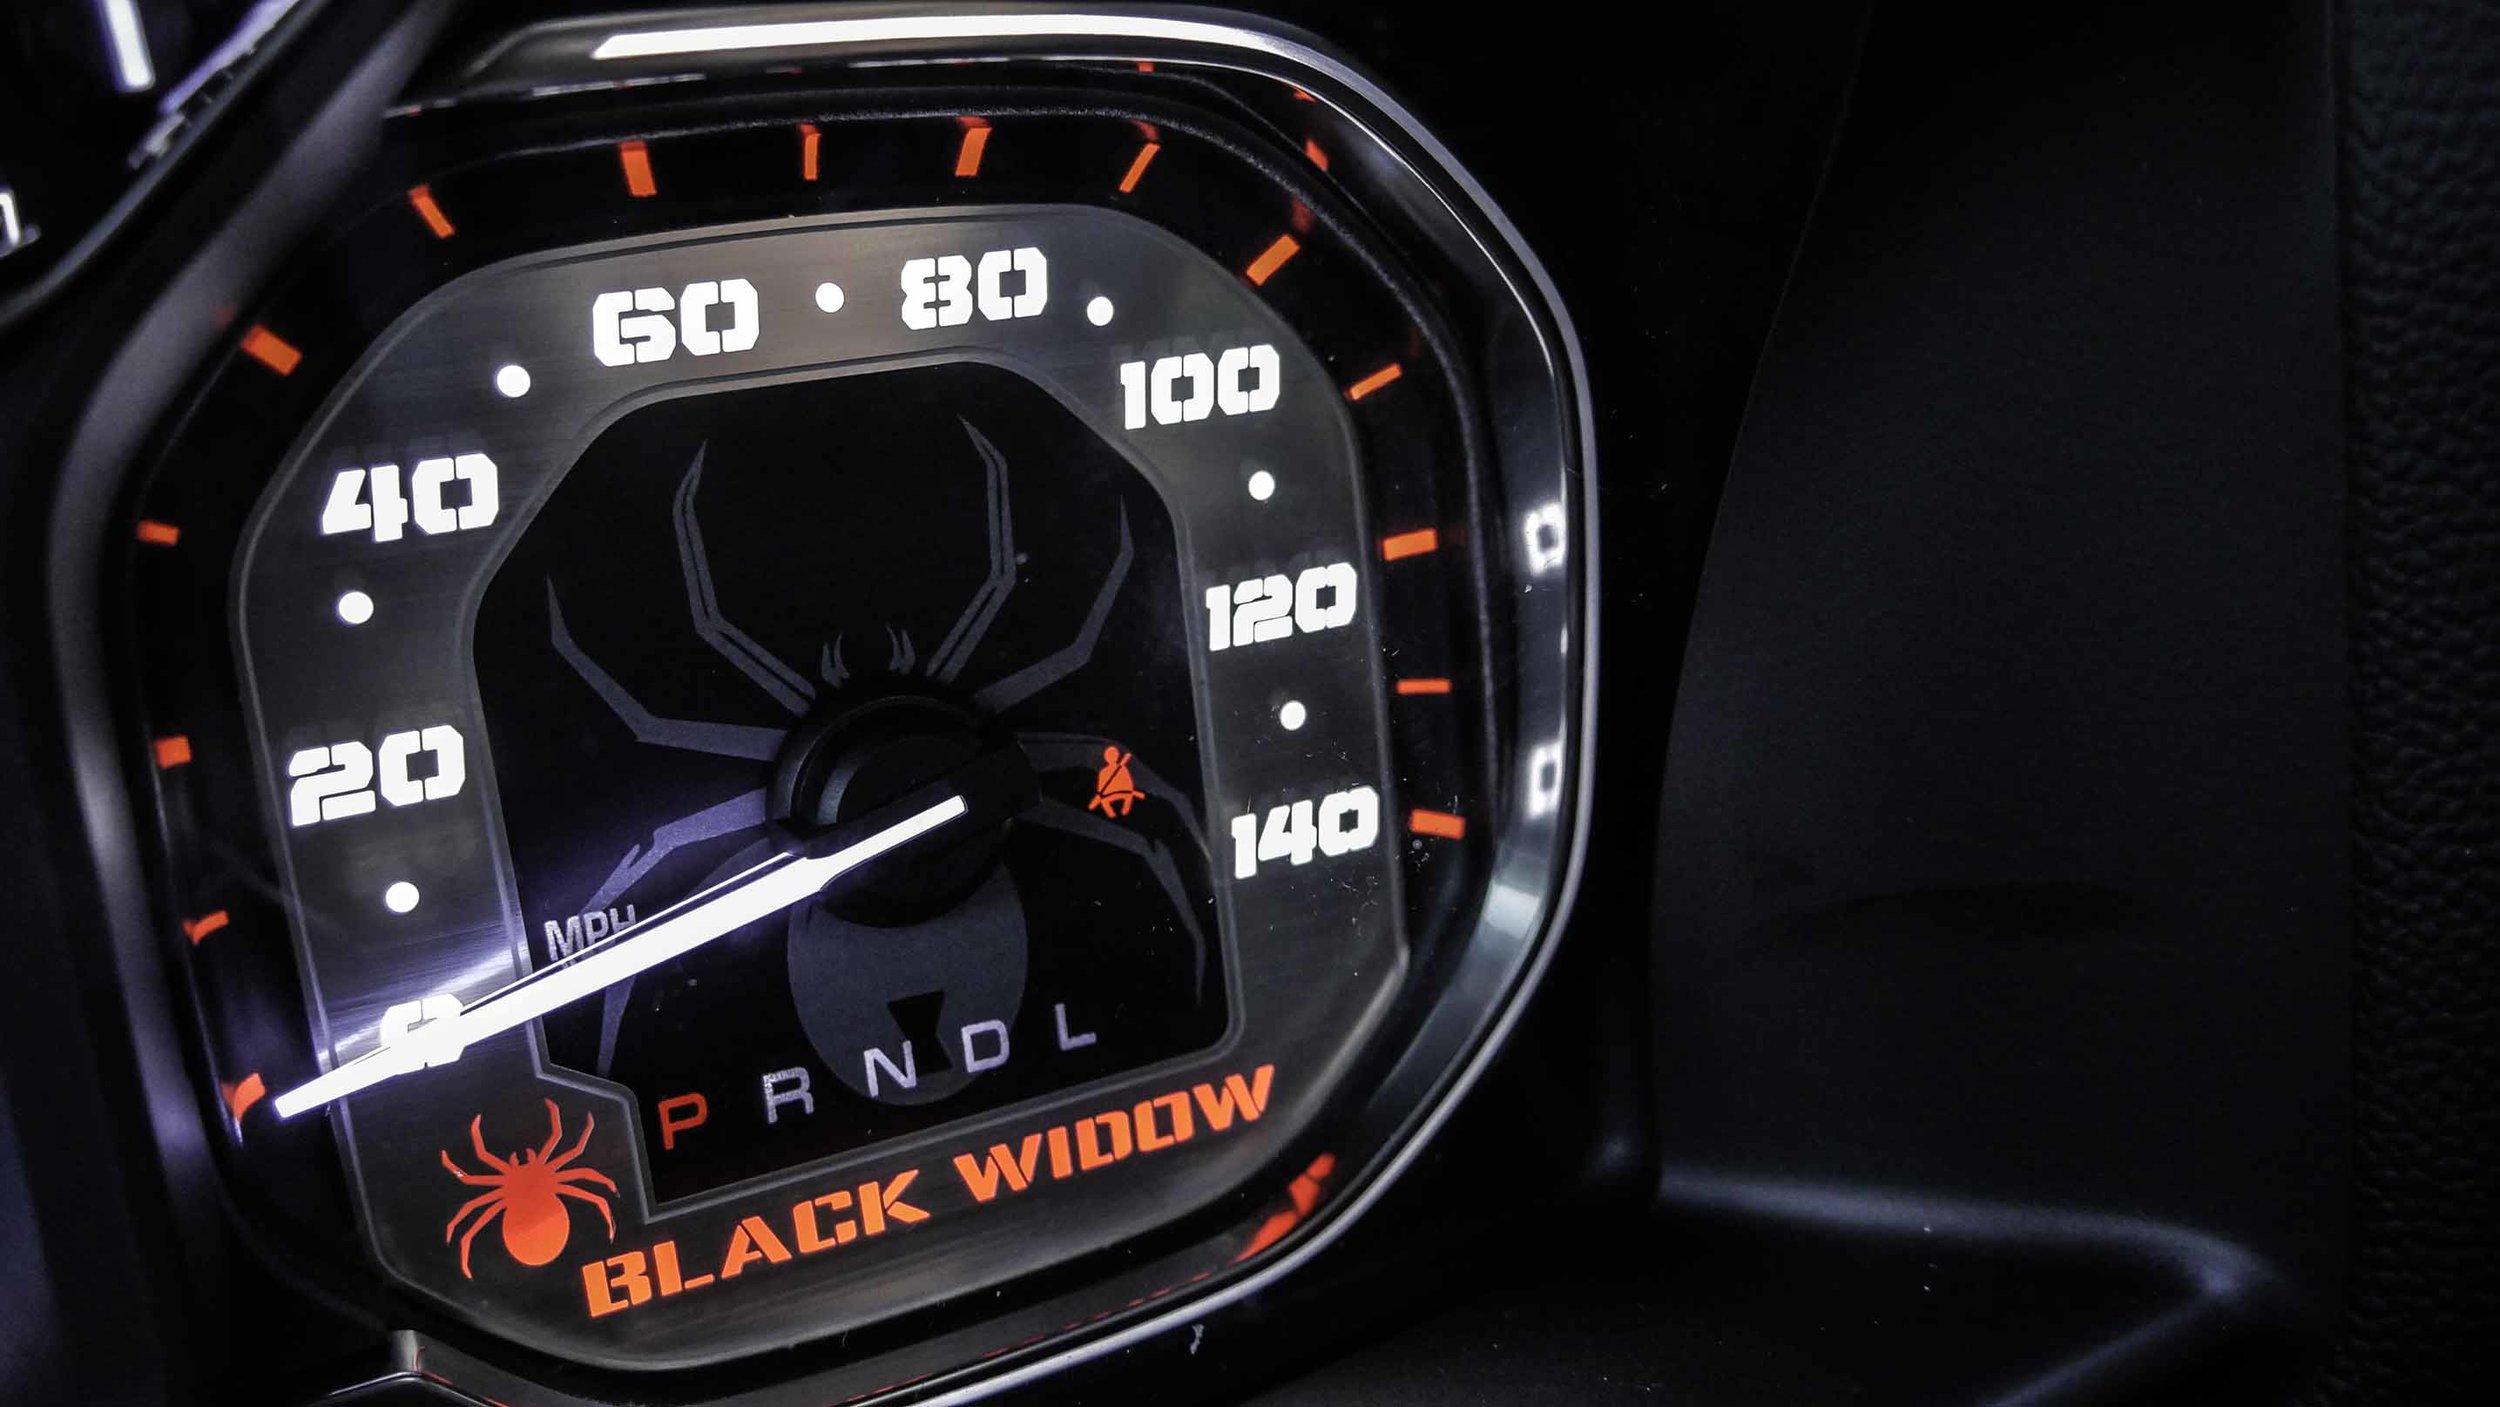 2019 GMC Sierra Black Widow Gauges Close Small.jpg